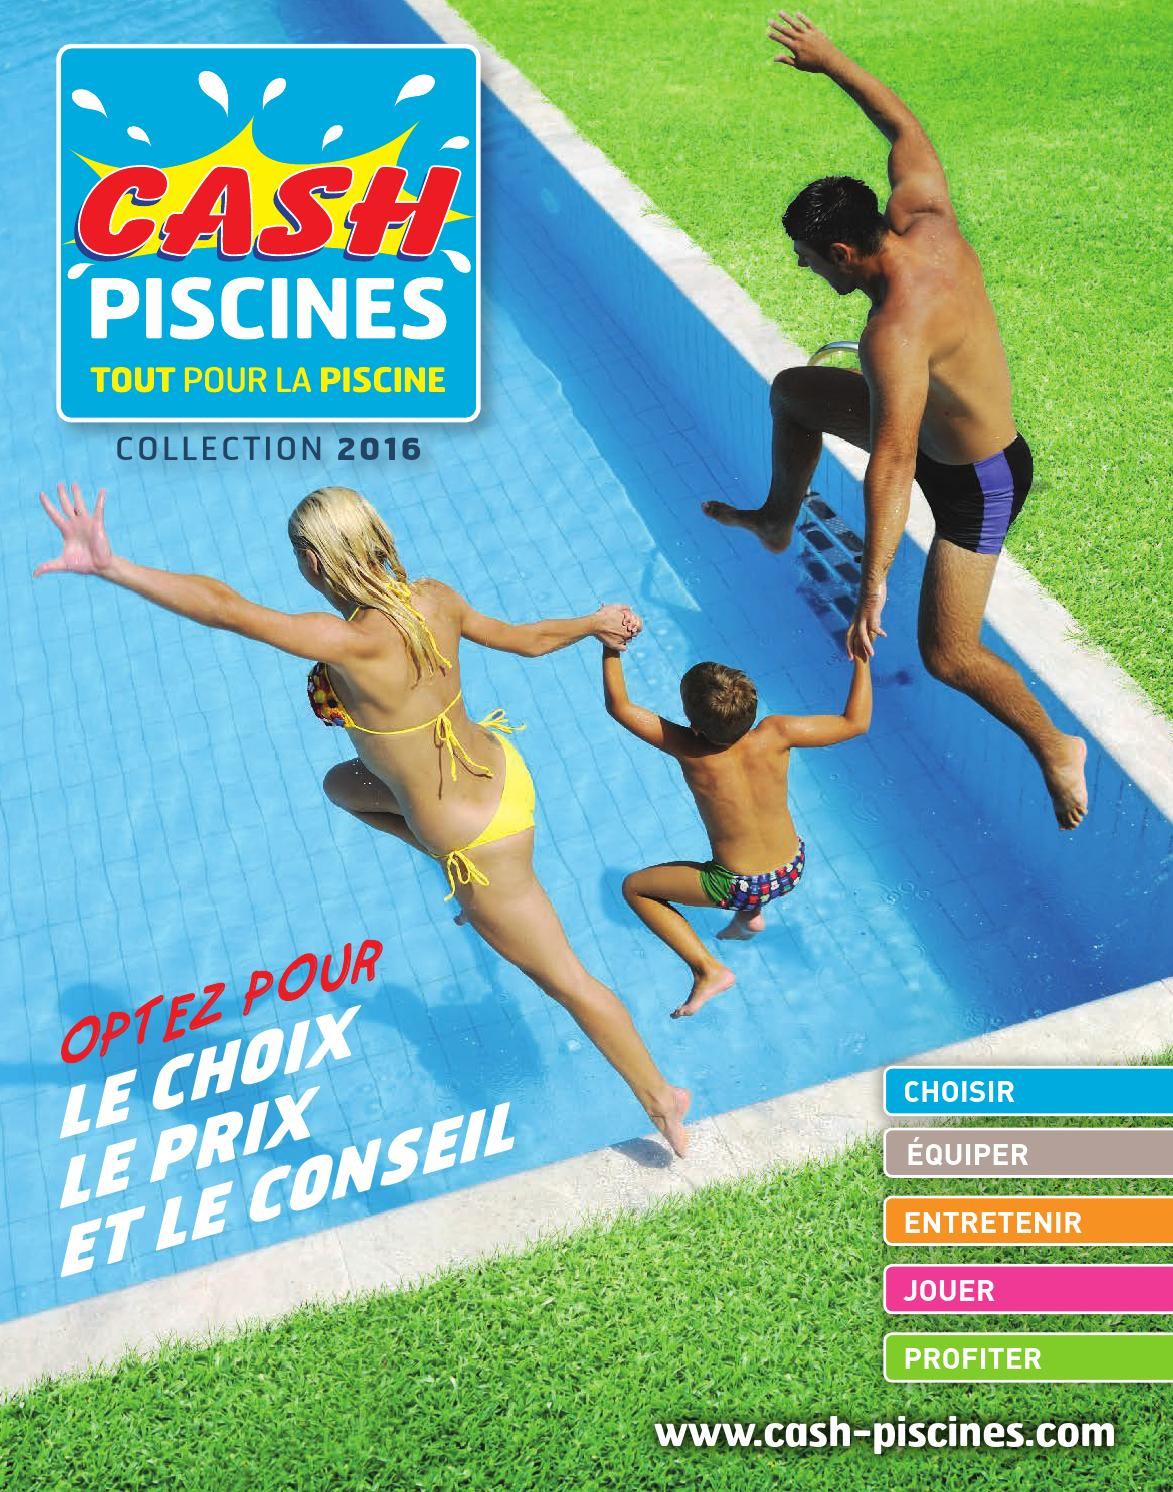 Cash Piscines 2016 By Octave Octave - Issuu à Cash Piscine Toulouse